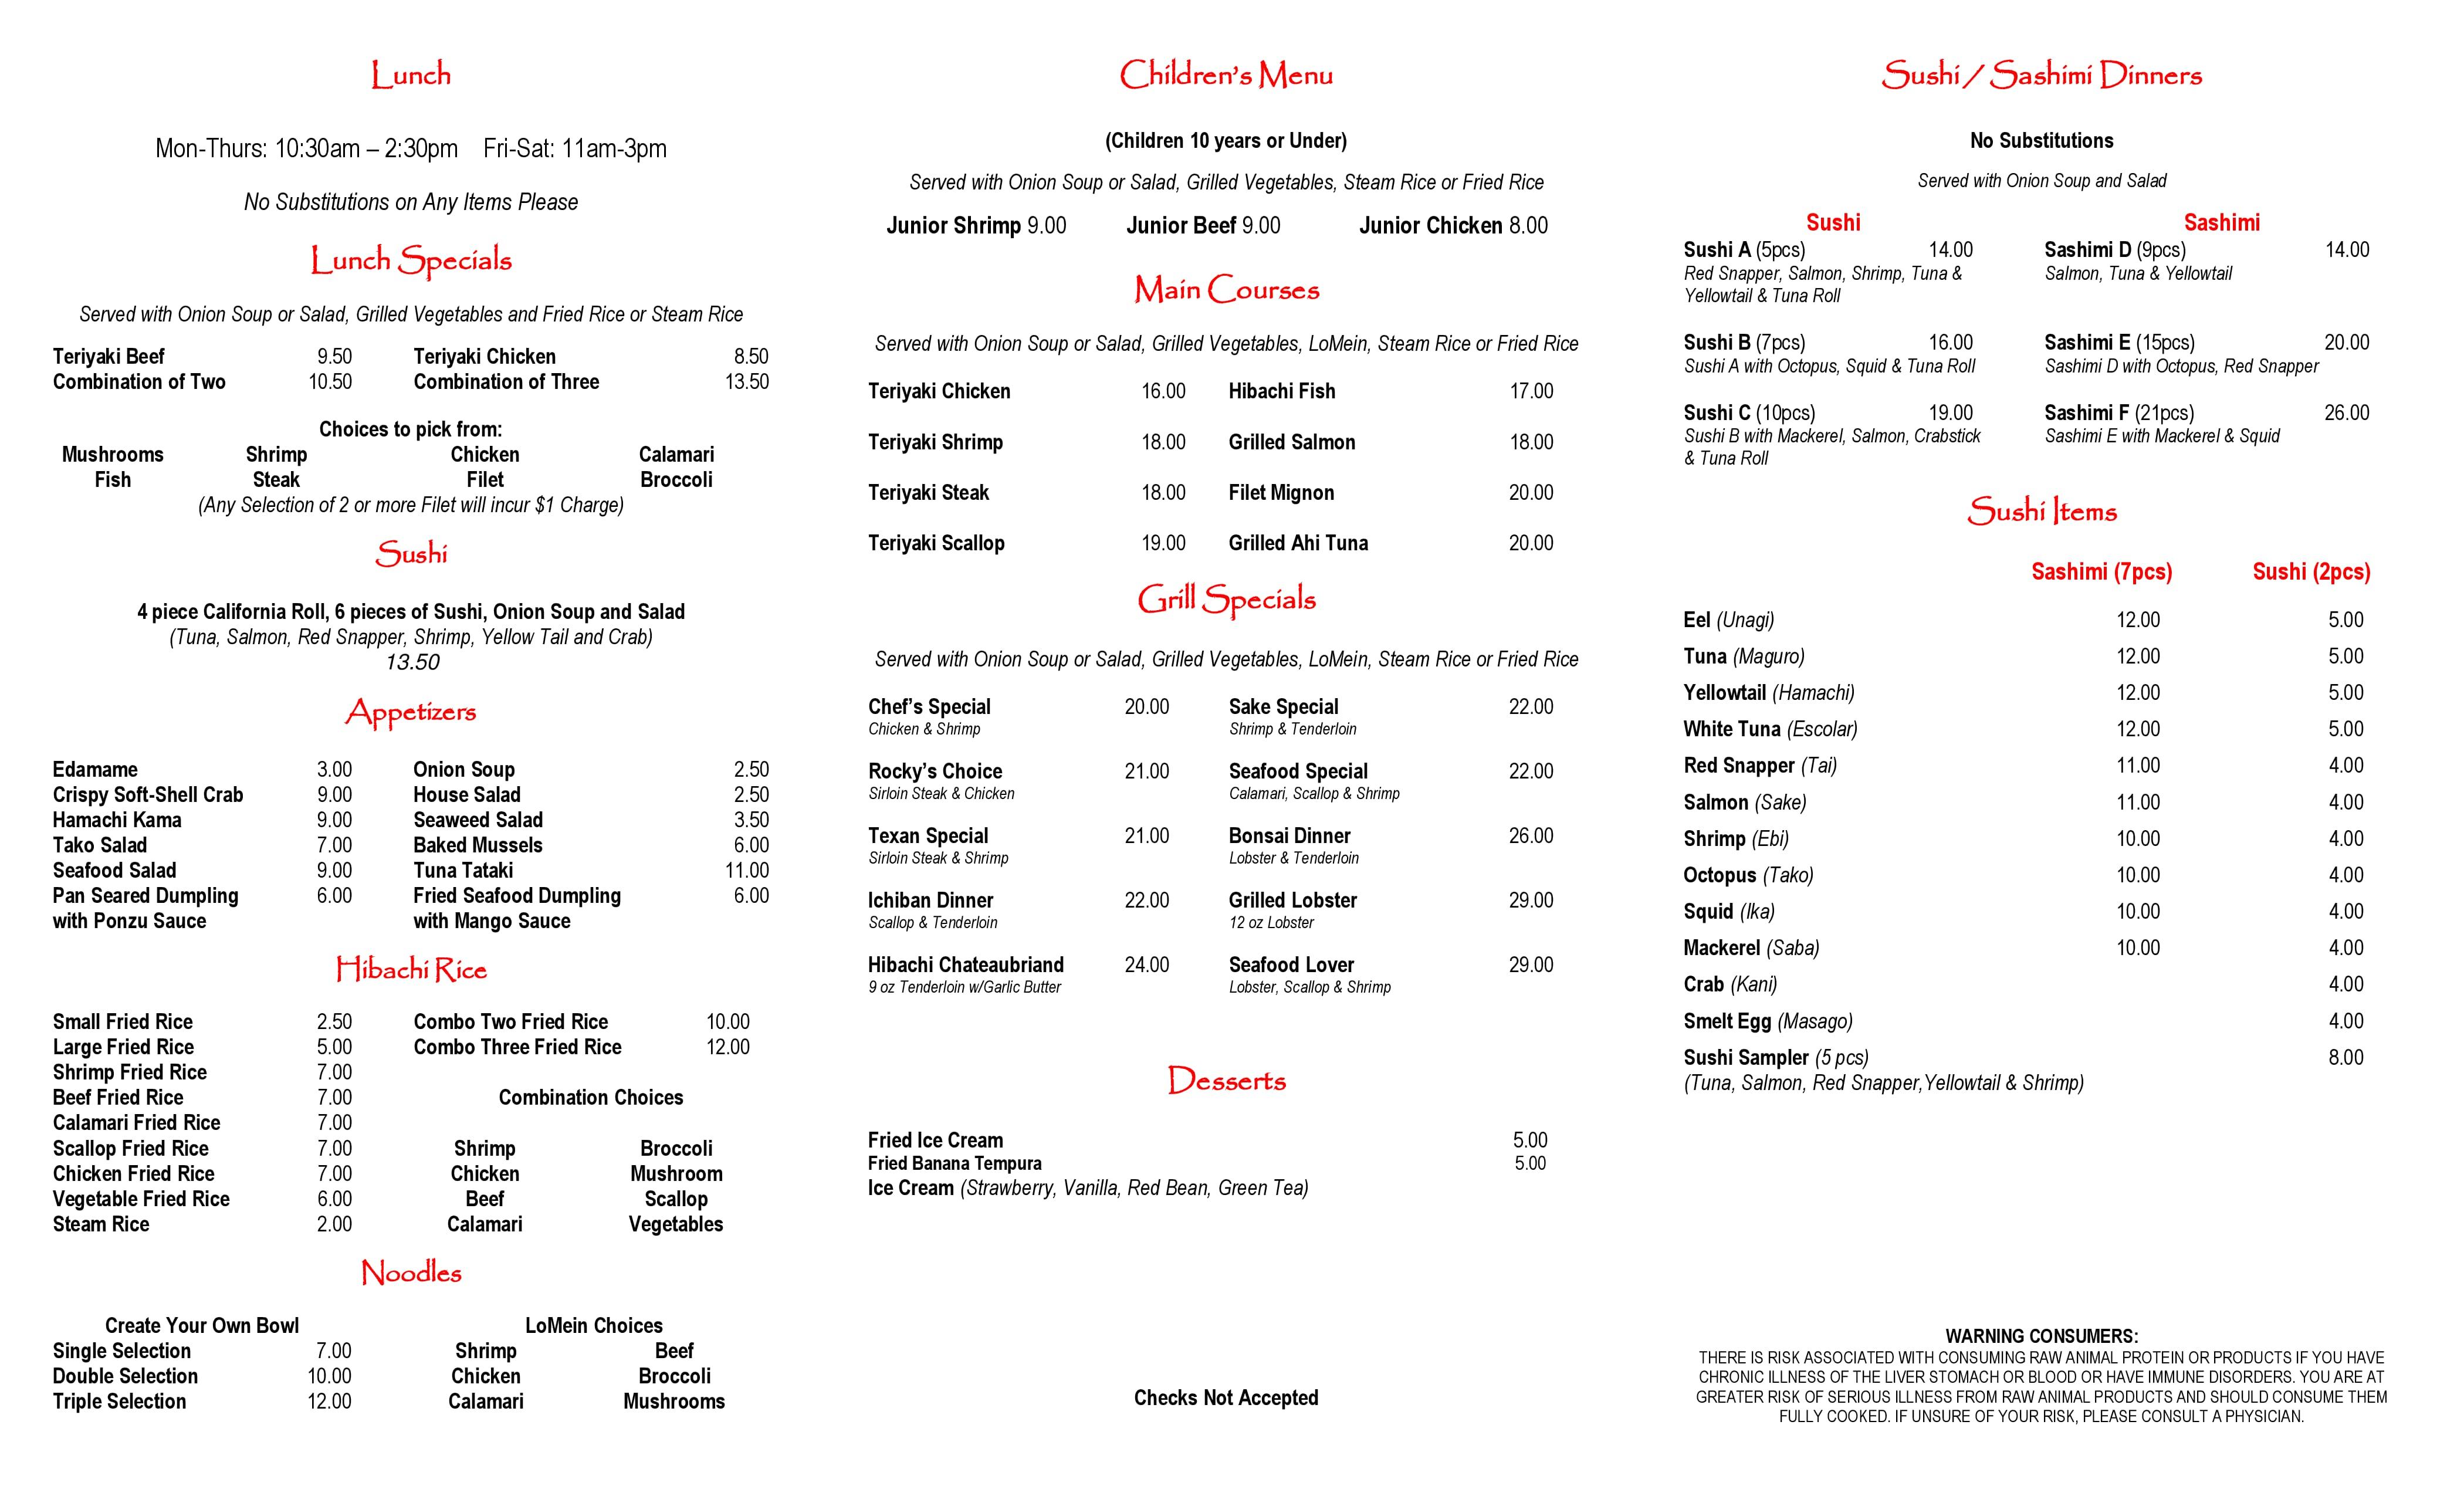 Sushi Restaurant Menu Items